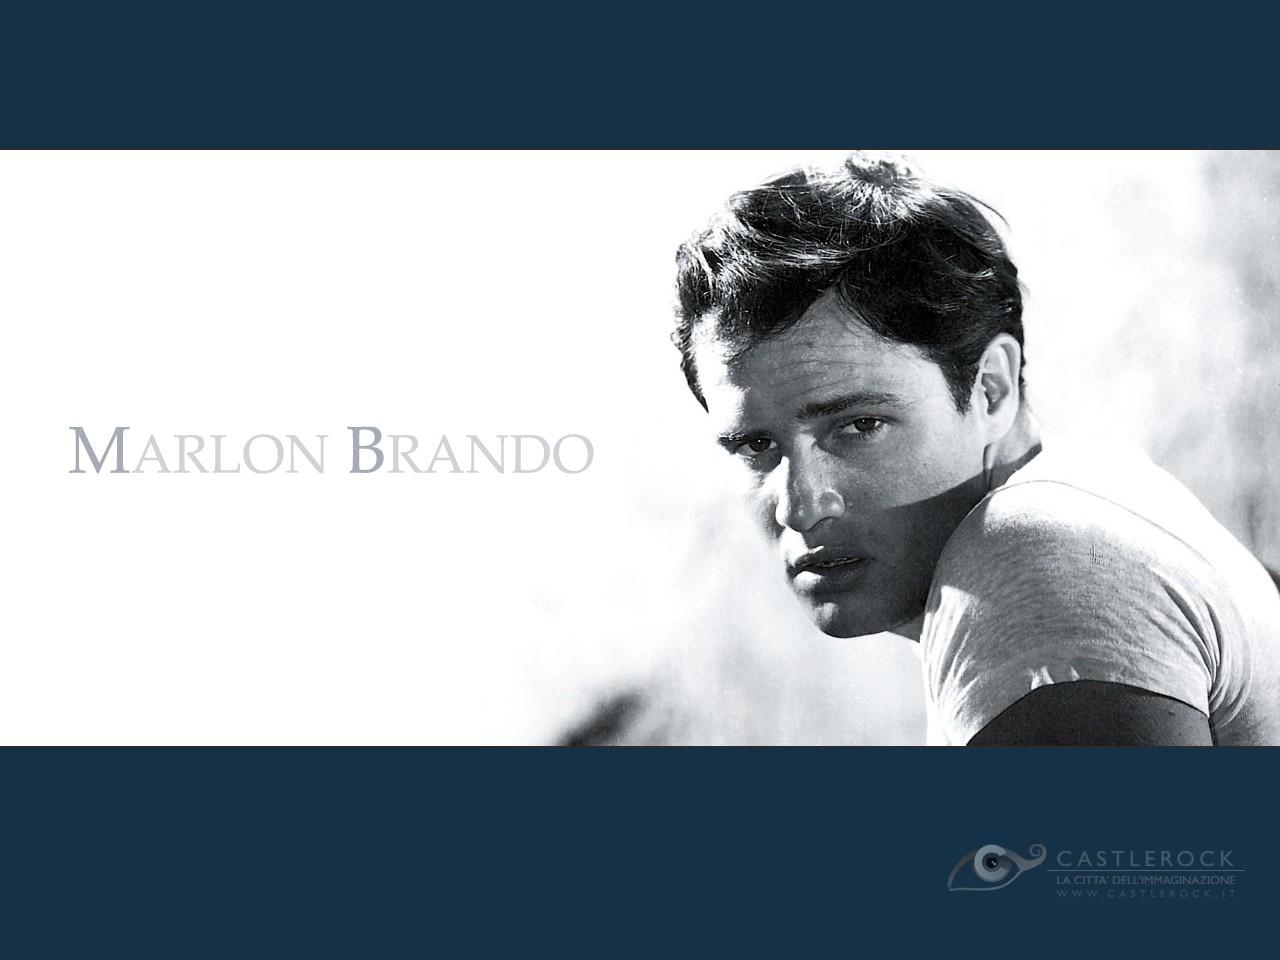 Wallpaper di Marlon Brando